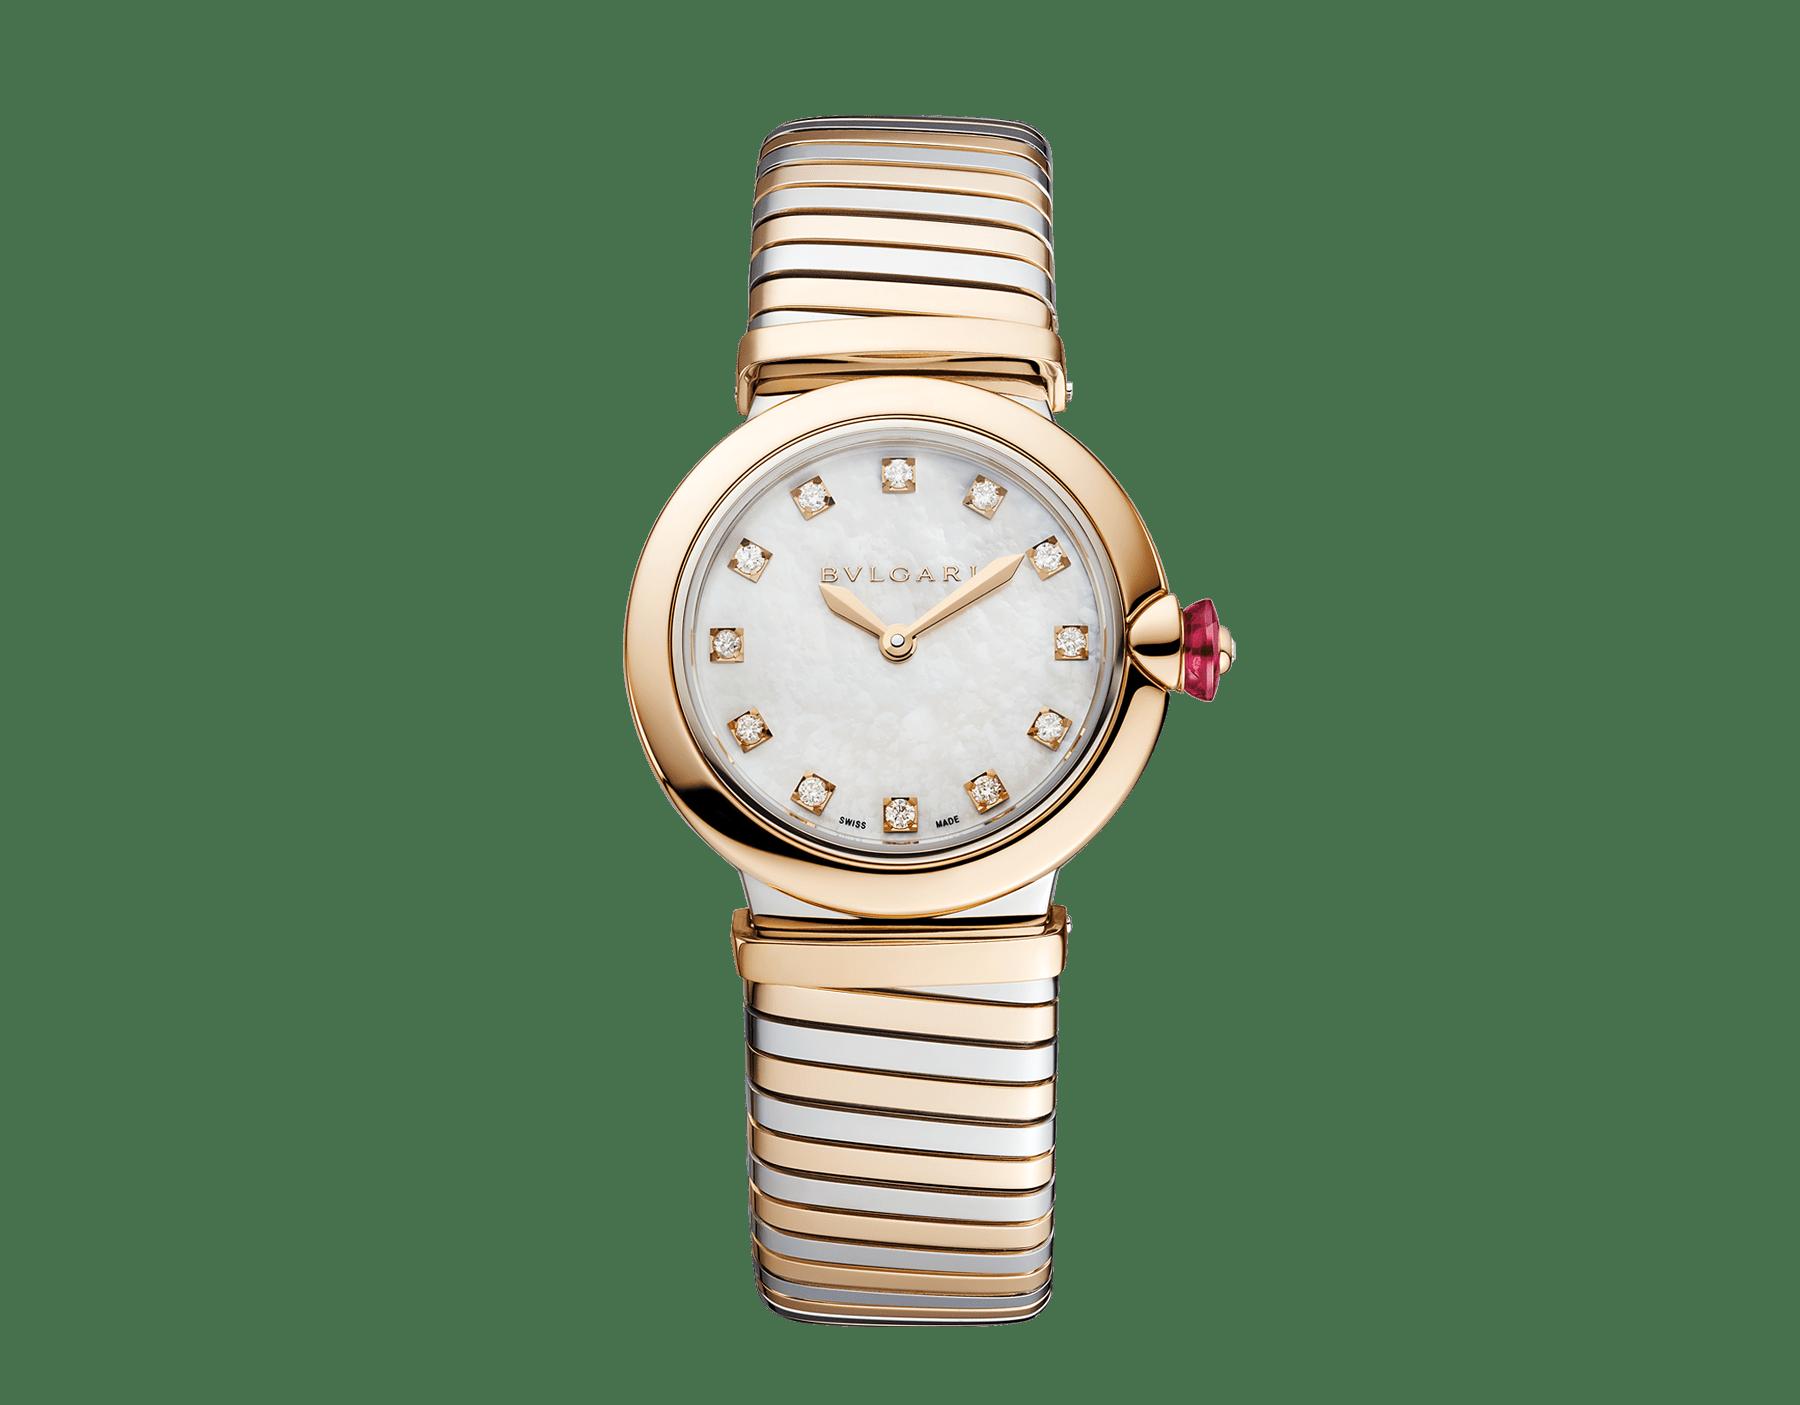 Orologio LVCEA Tubogas con cassa e bracciale Tubogas in oro rosa 18 kt e acciaio inossidabile, quadrante bianco in madreperla e indici con diamanti. 102952 image 1